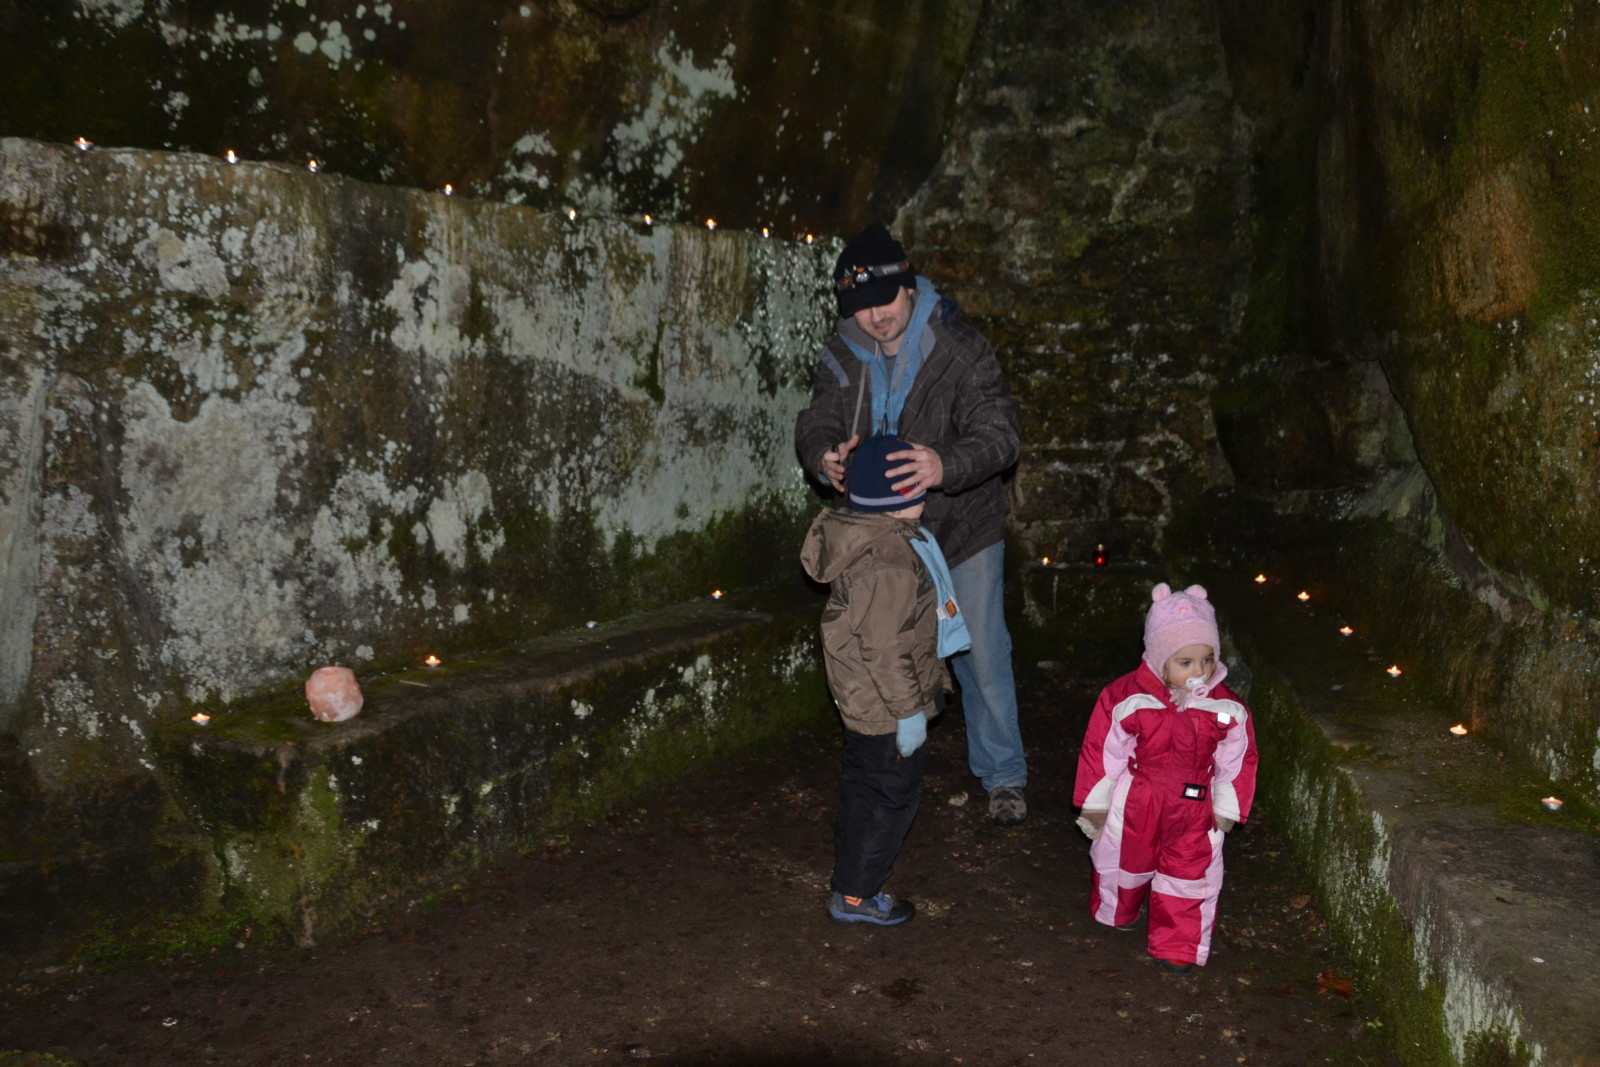 13 12 22 17.03.12 Zapalování svíčky v jeskyni